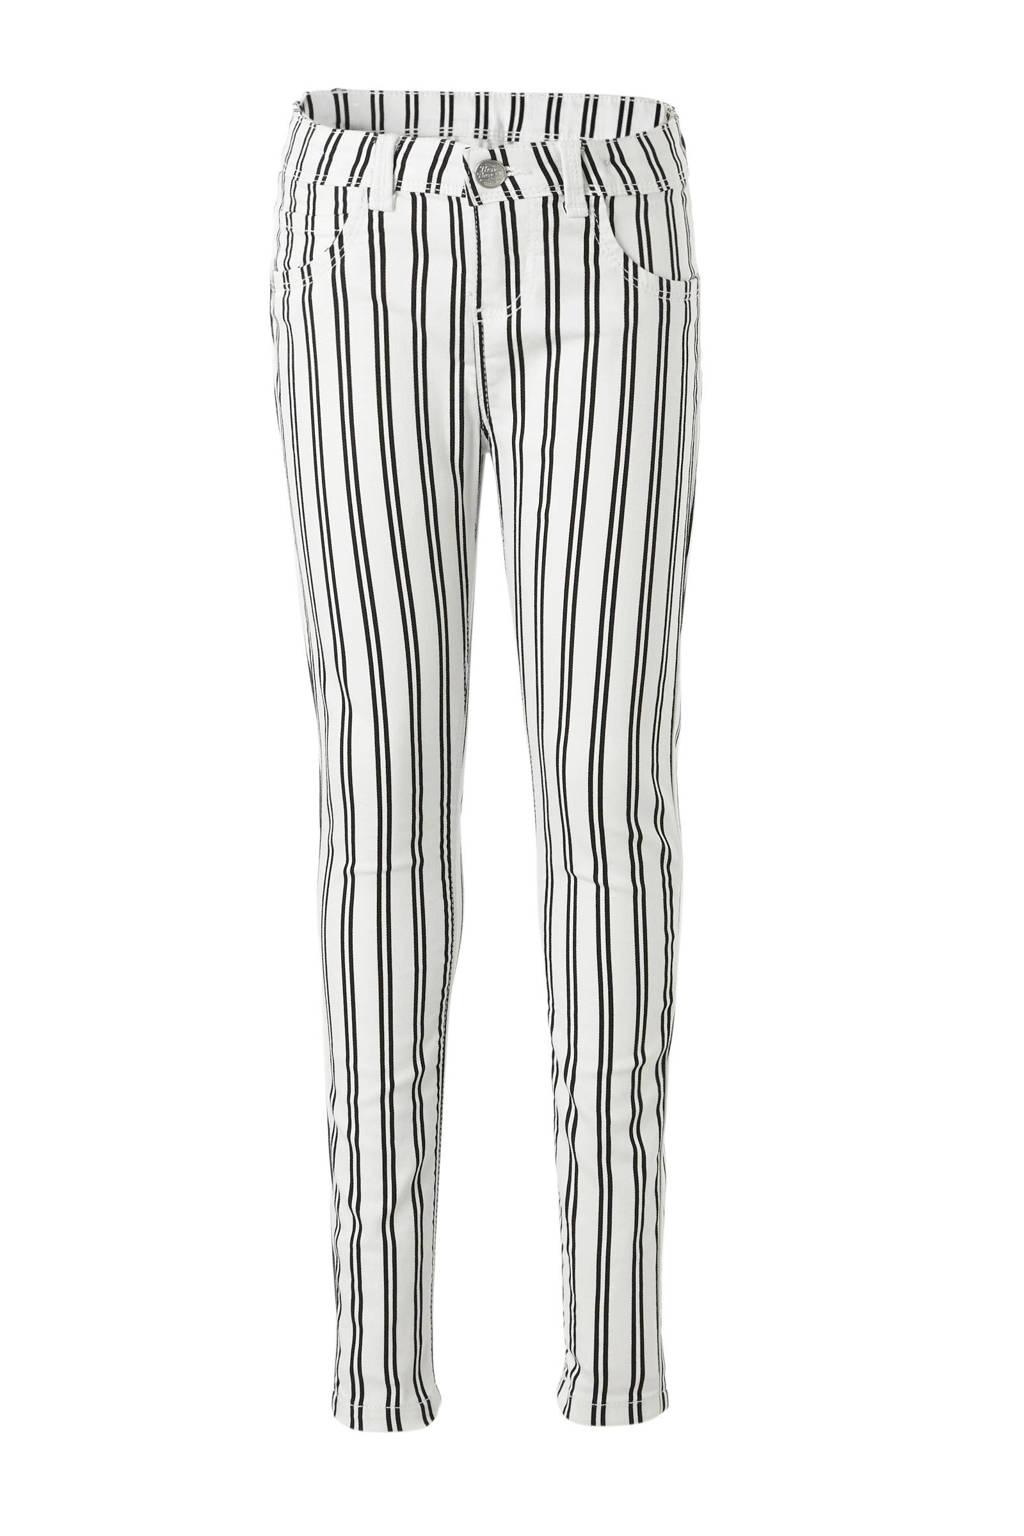 Verwonderend C&A Here & There gestreepte skinny jeans zwart/wit   wehkamp HK-99